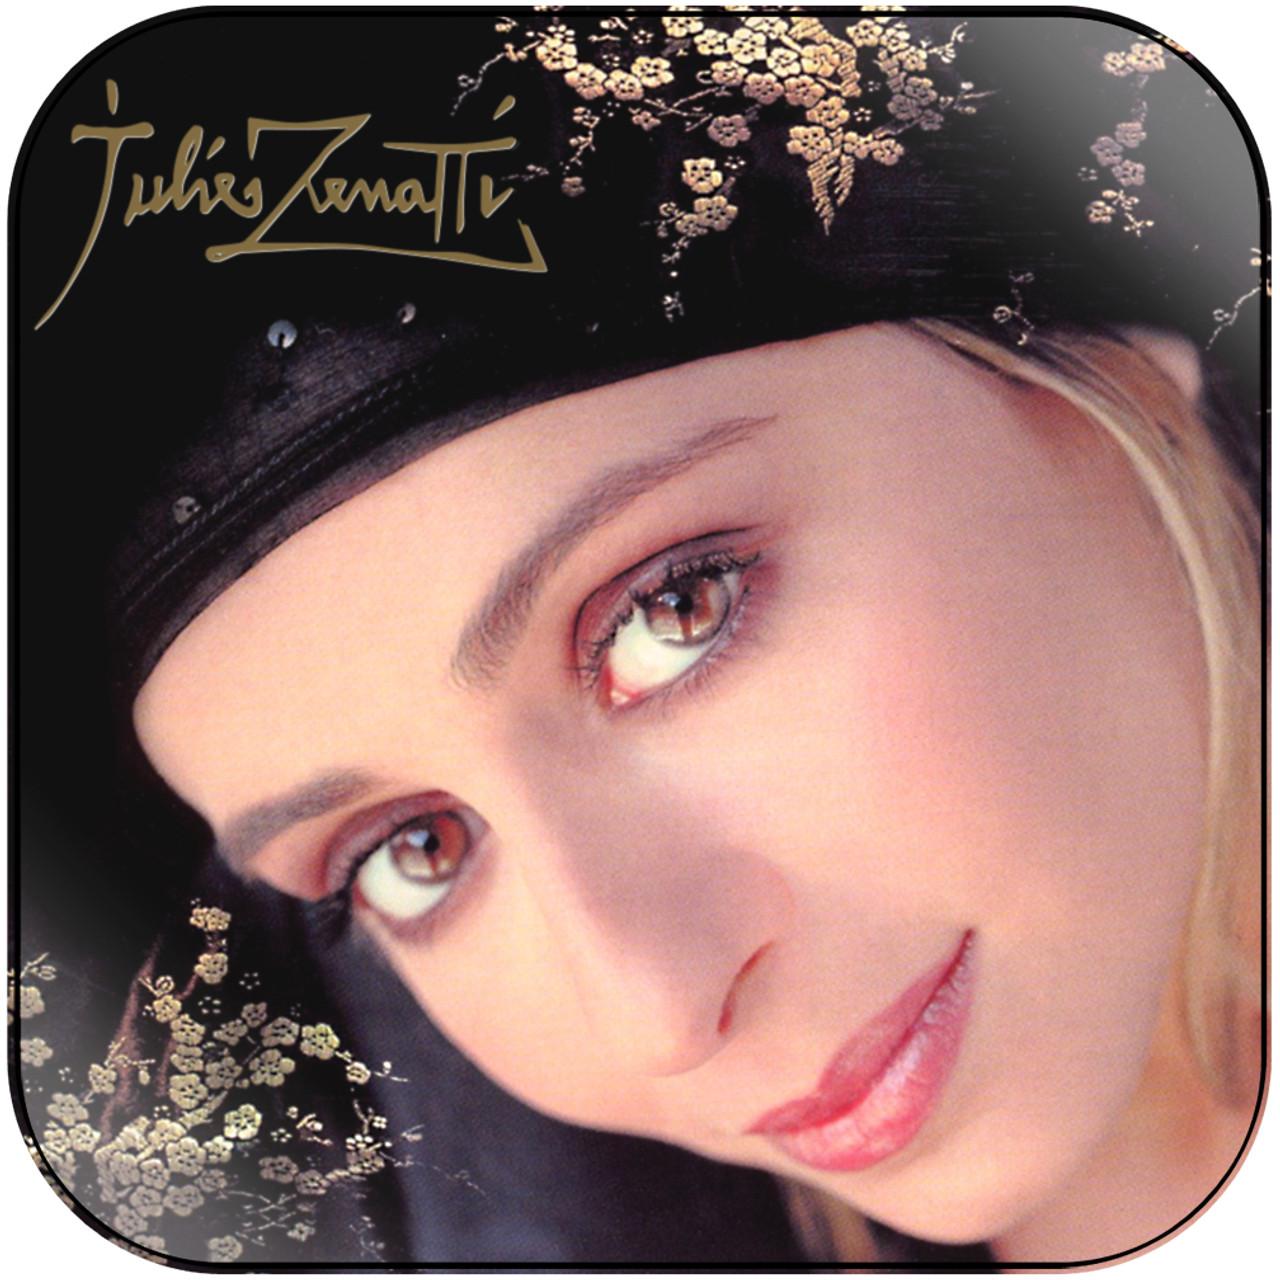 Julie Zenatti - Dans Les Yeux Dun Autre Album Cover Sticker